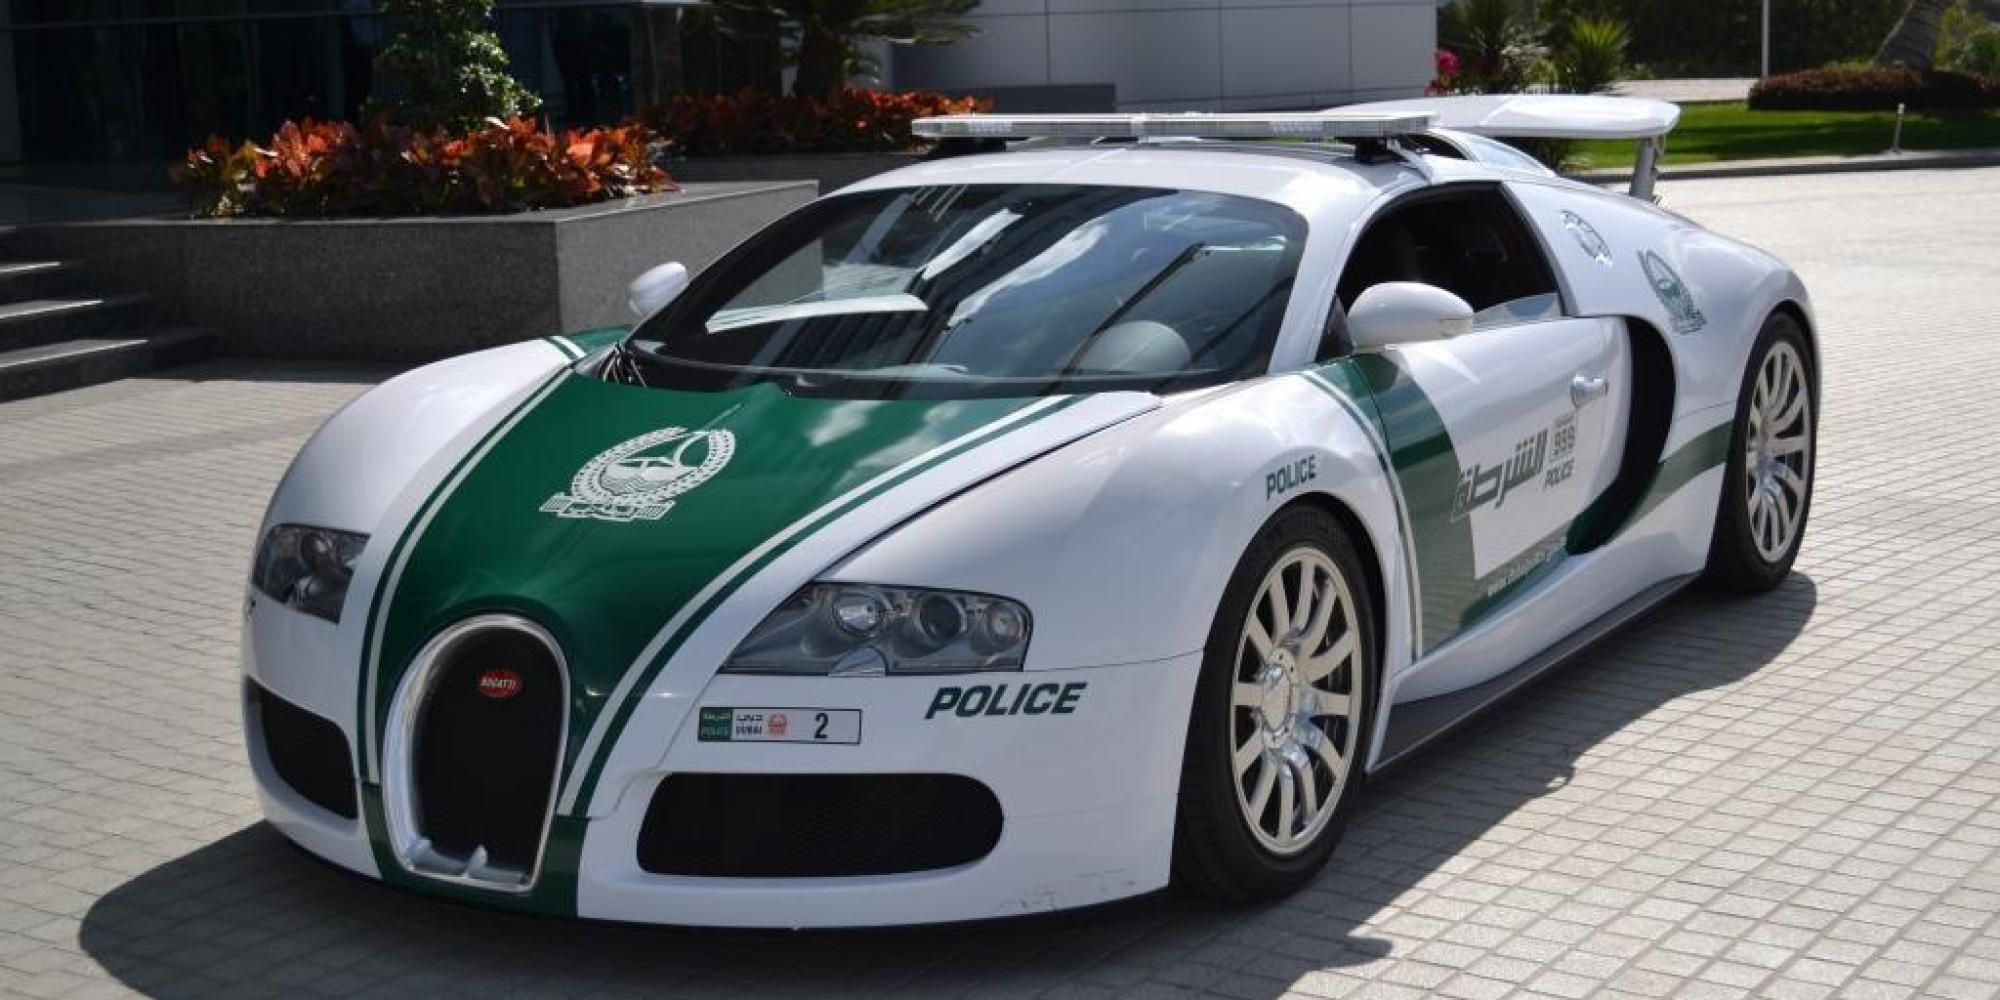 سيارات شرطة دبي أغلي سيارات في العالم2019